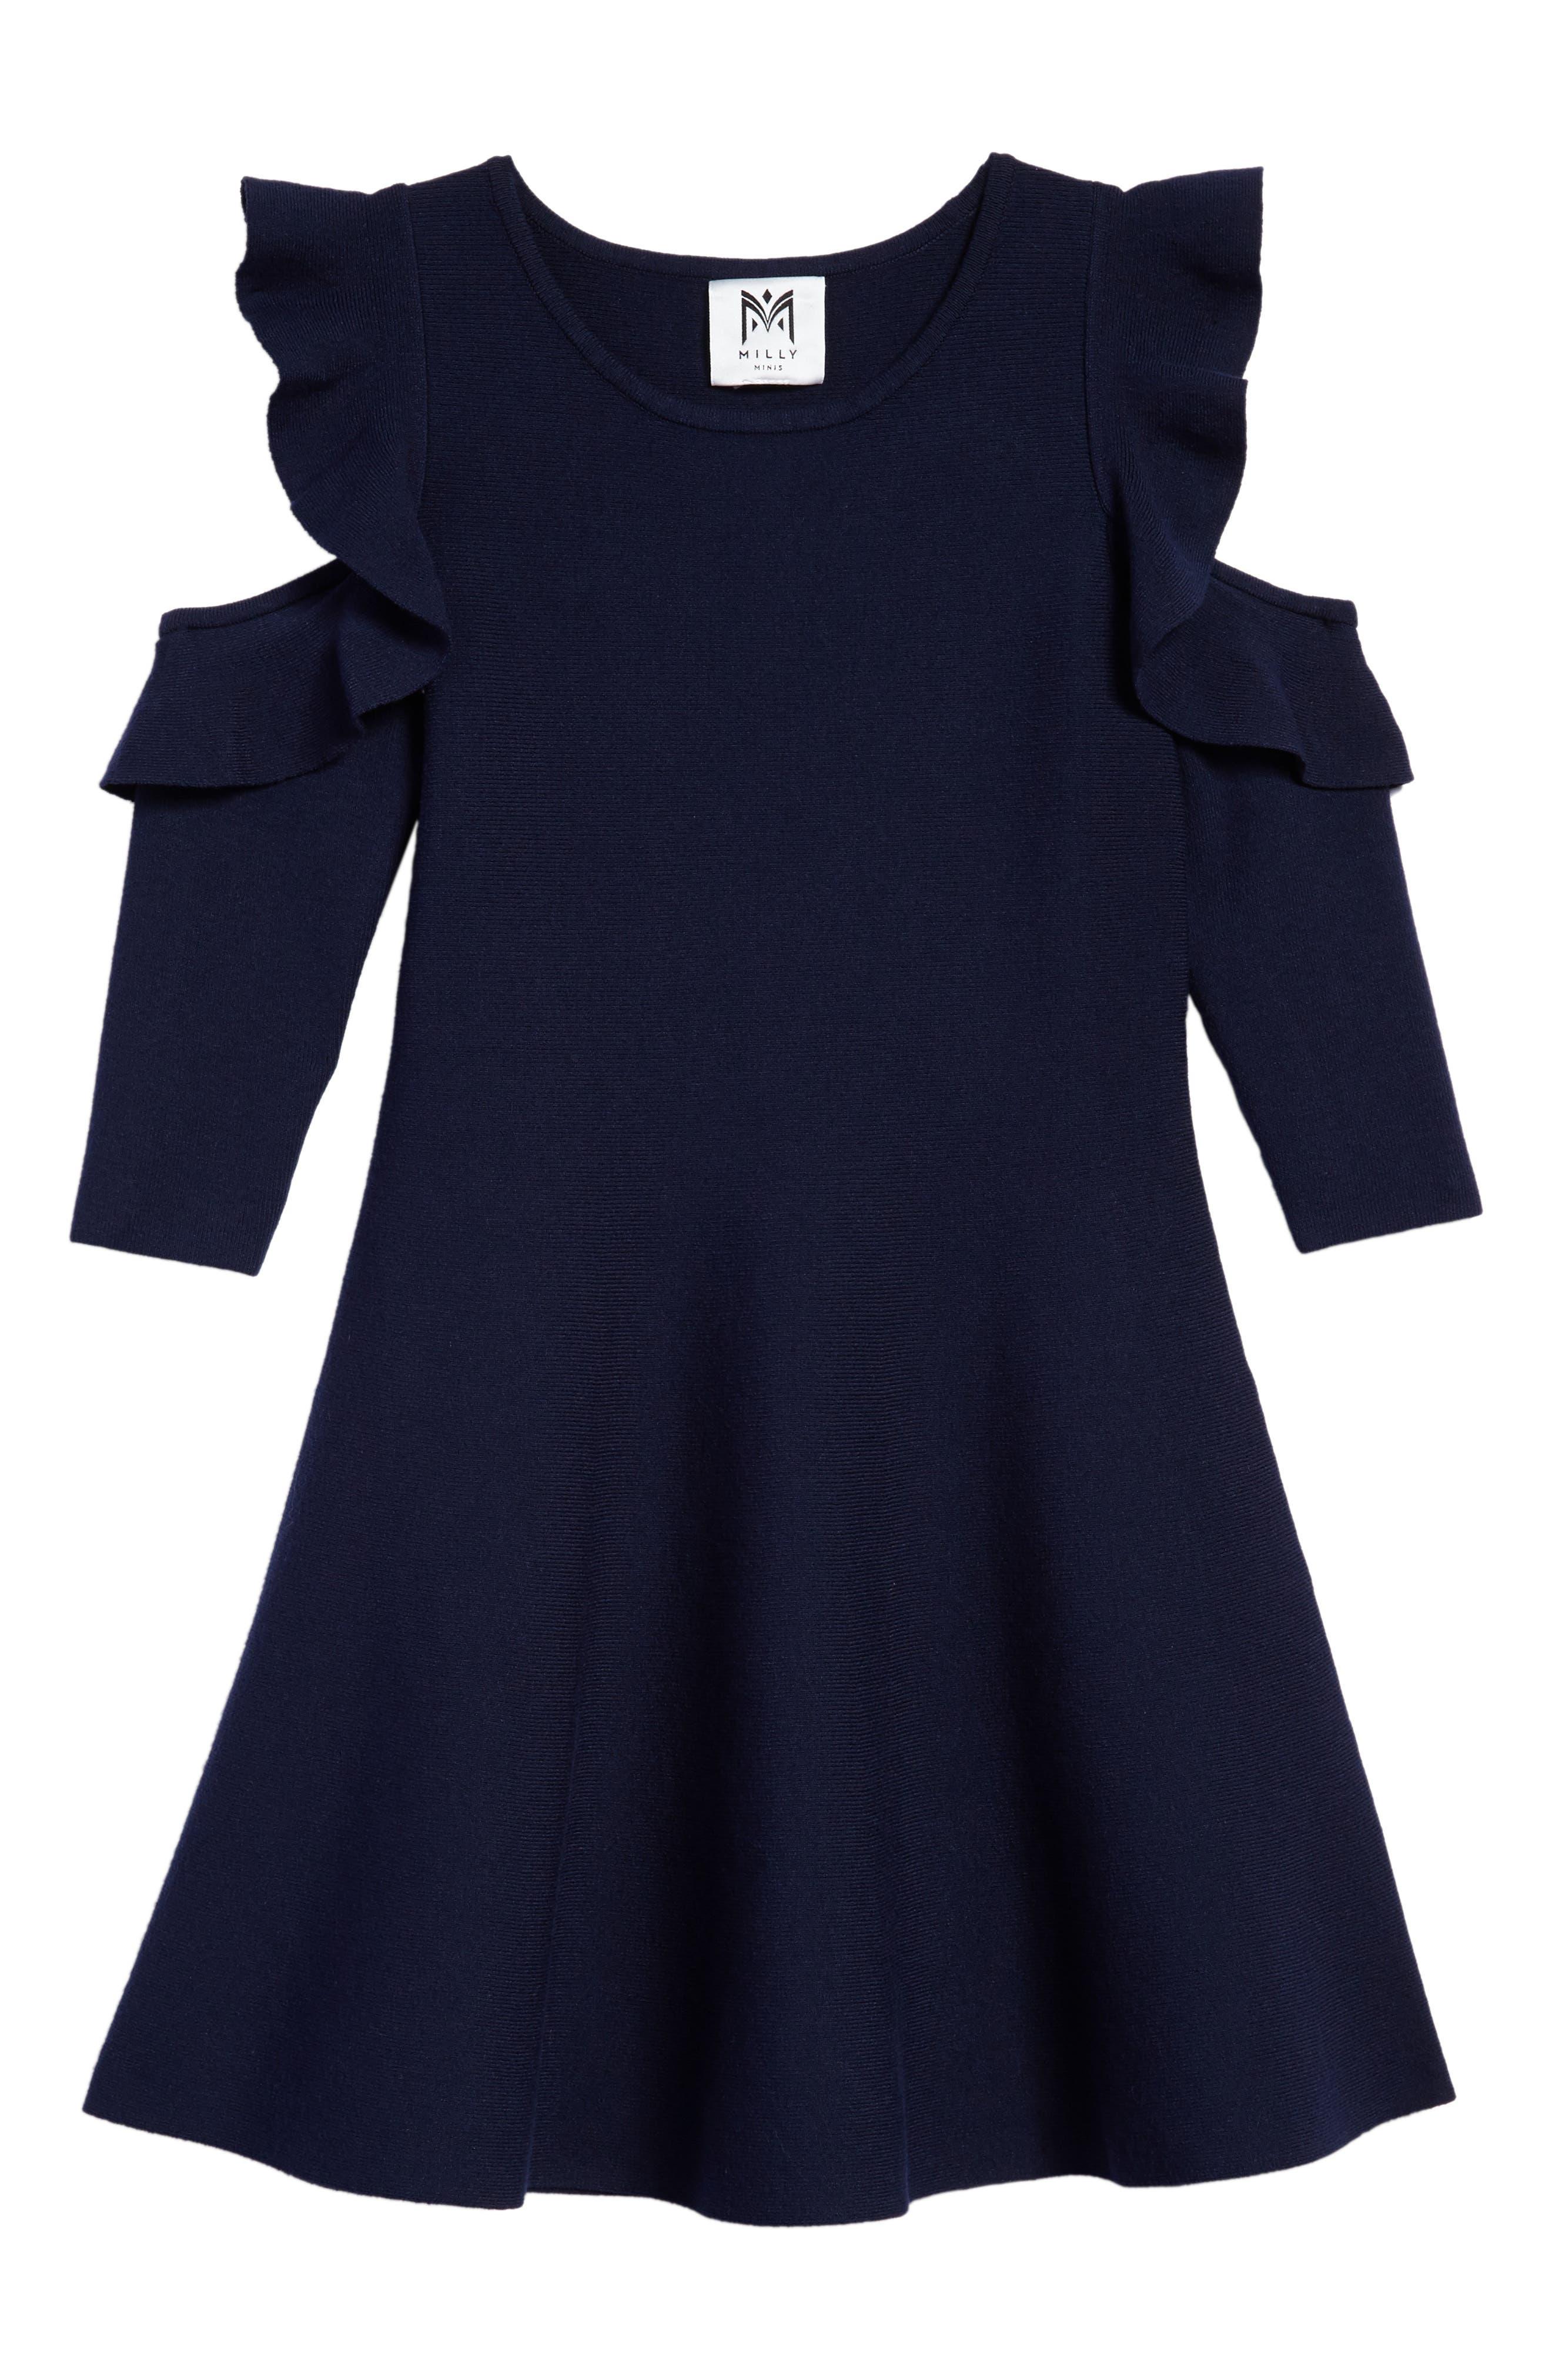 Alternate Image 1 Selected - Milly Minis Cold Shoulder Skater Dress (Big Girls)